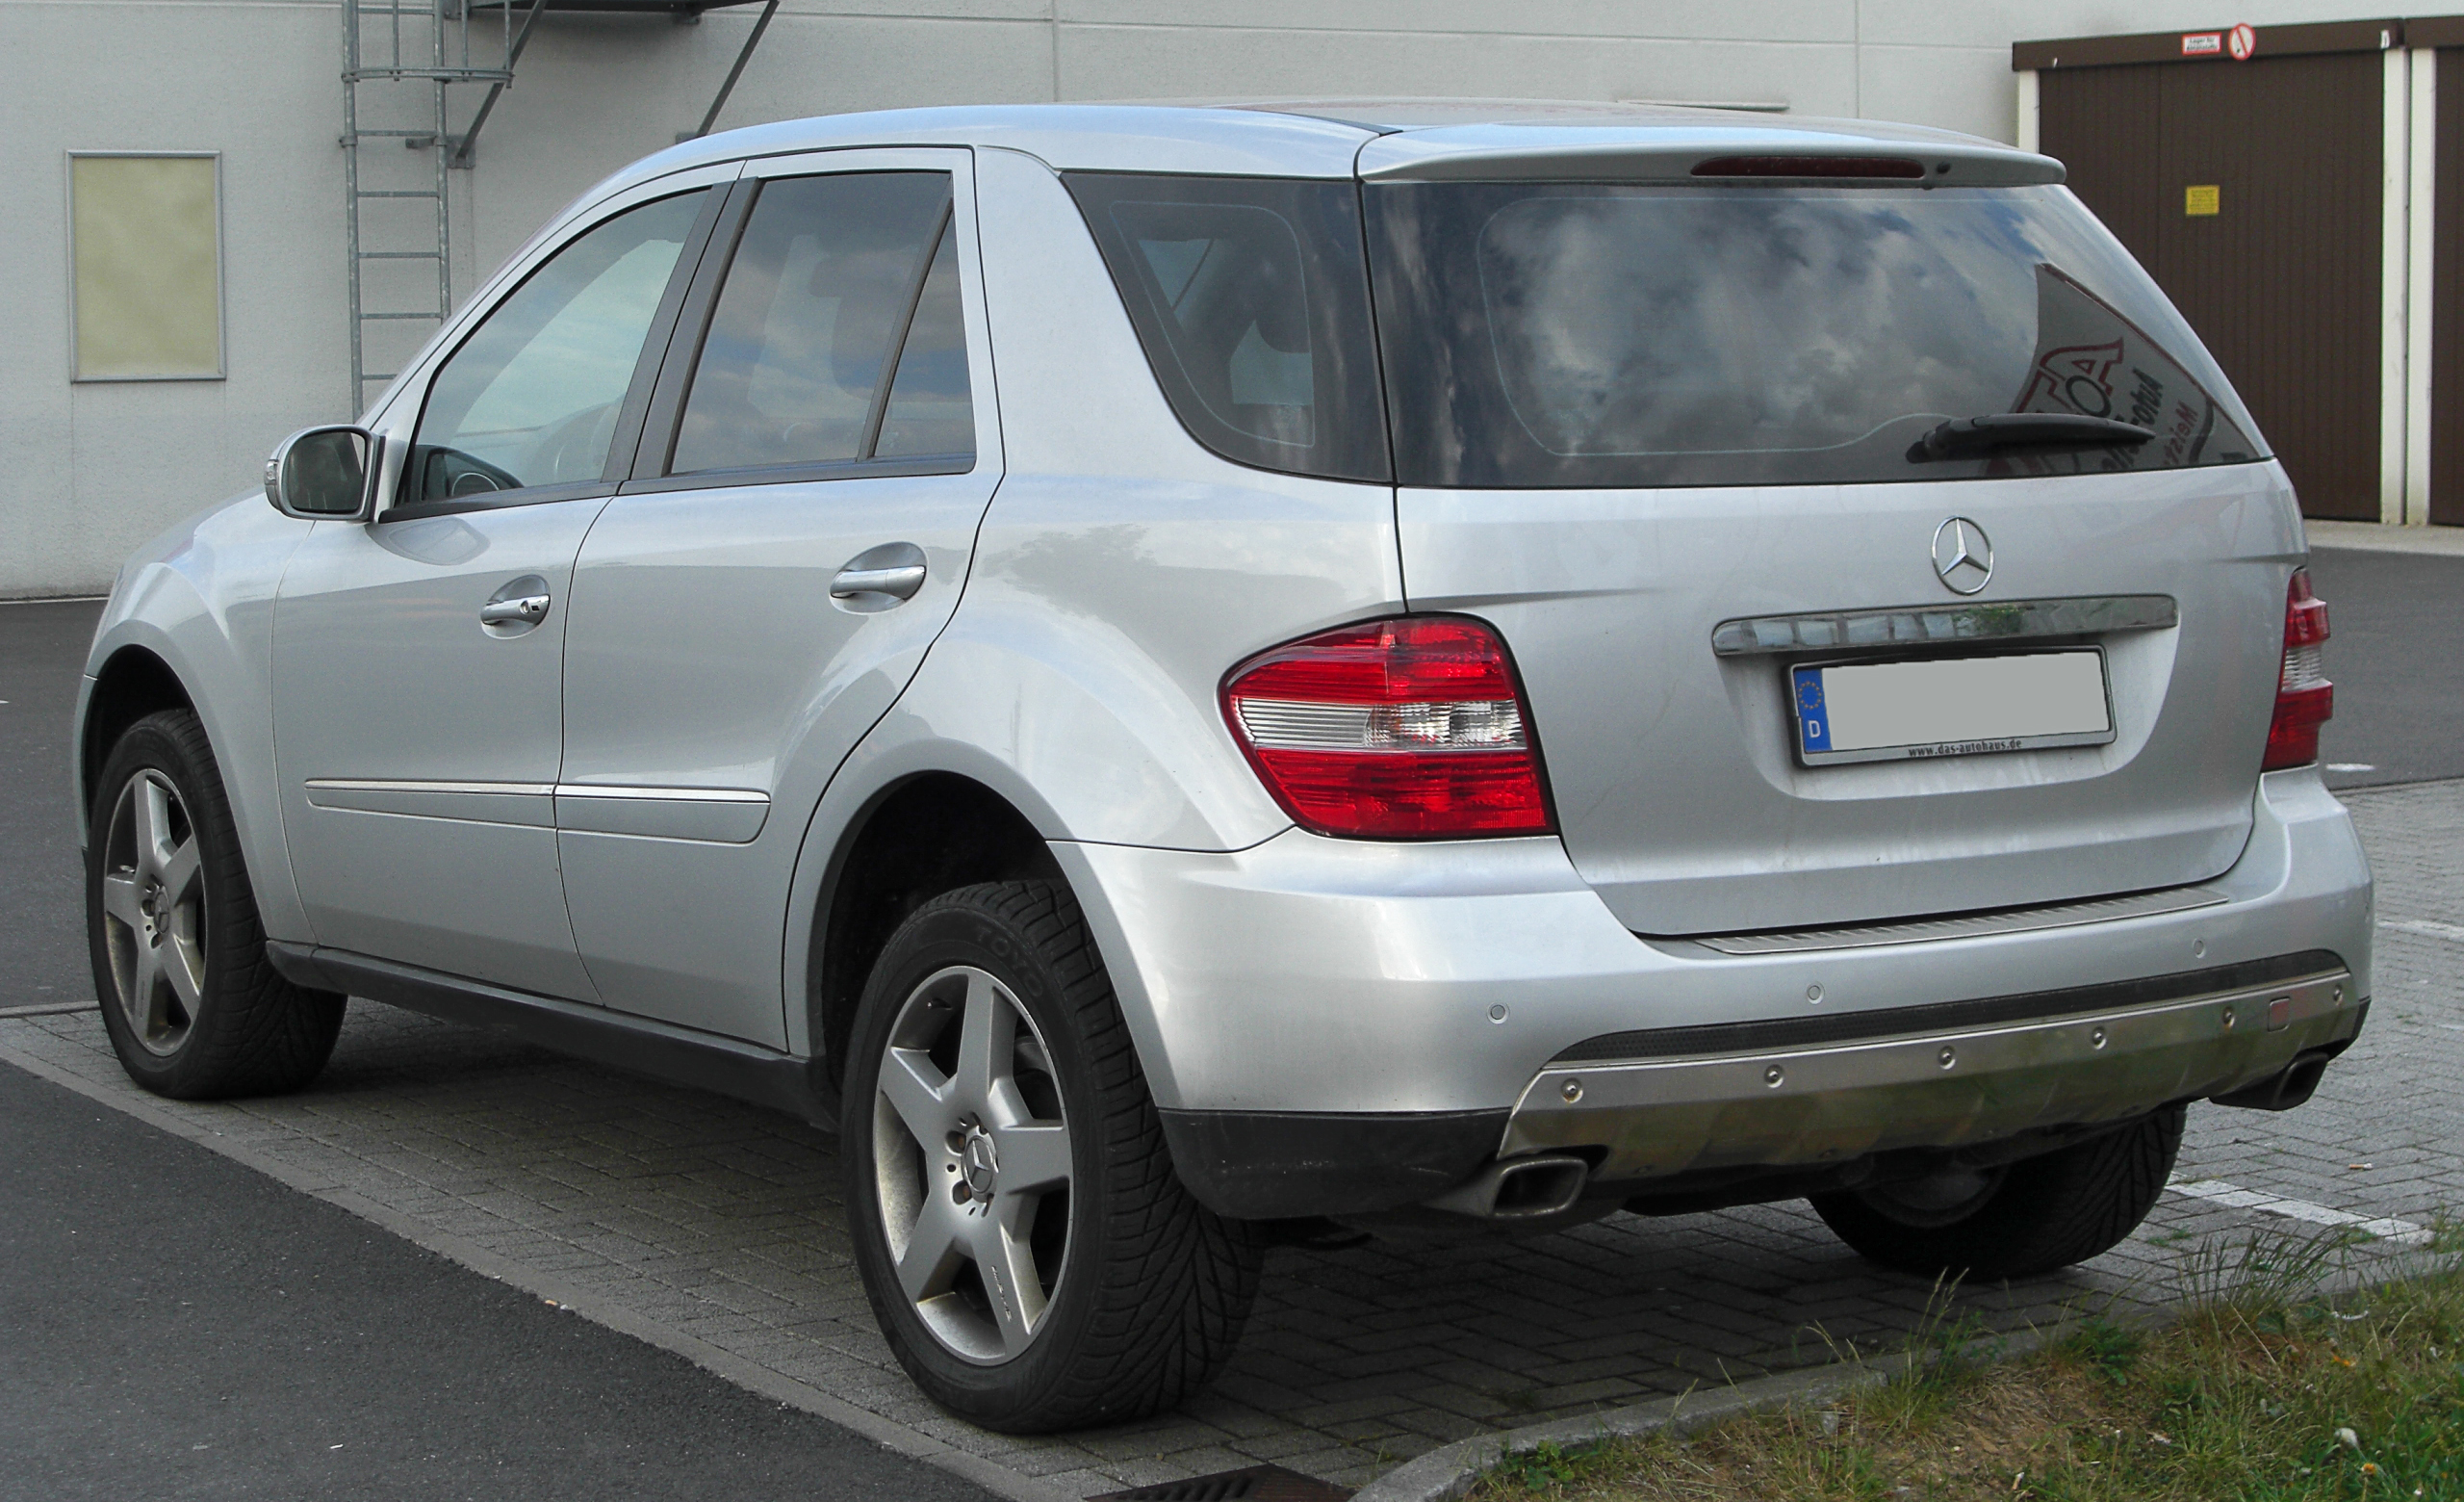 File Mercedes Ml W164 Rear 20100501 Jpg Wikimedia Commons